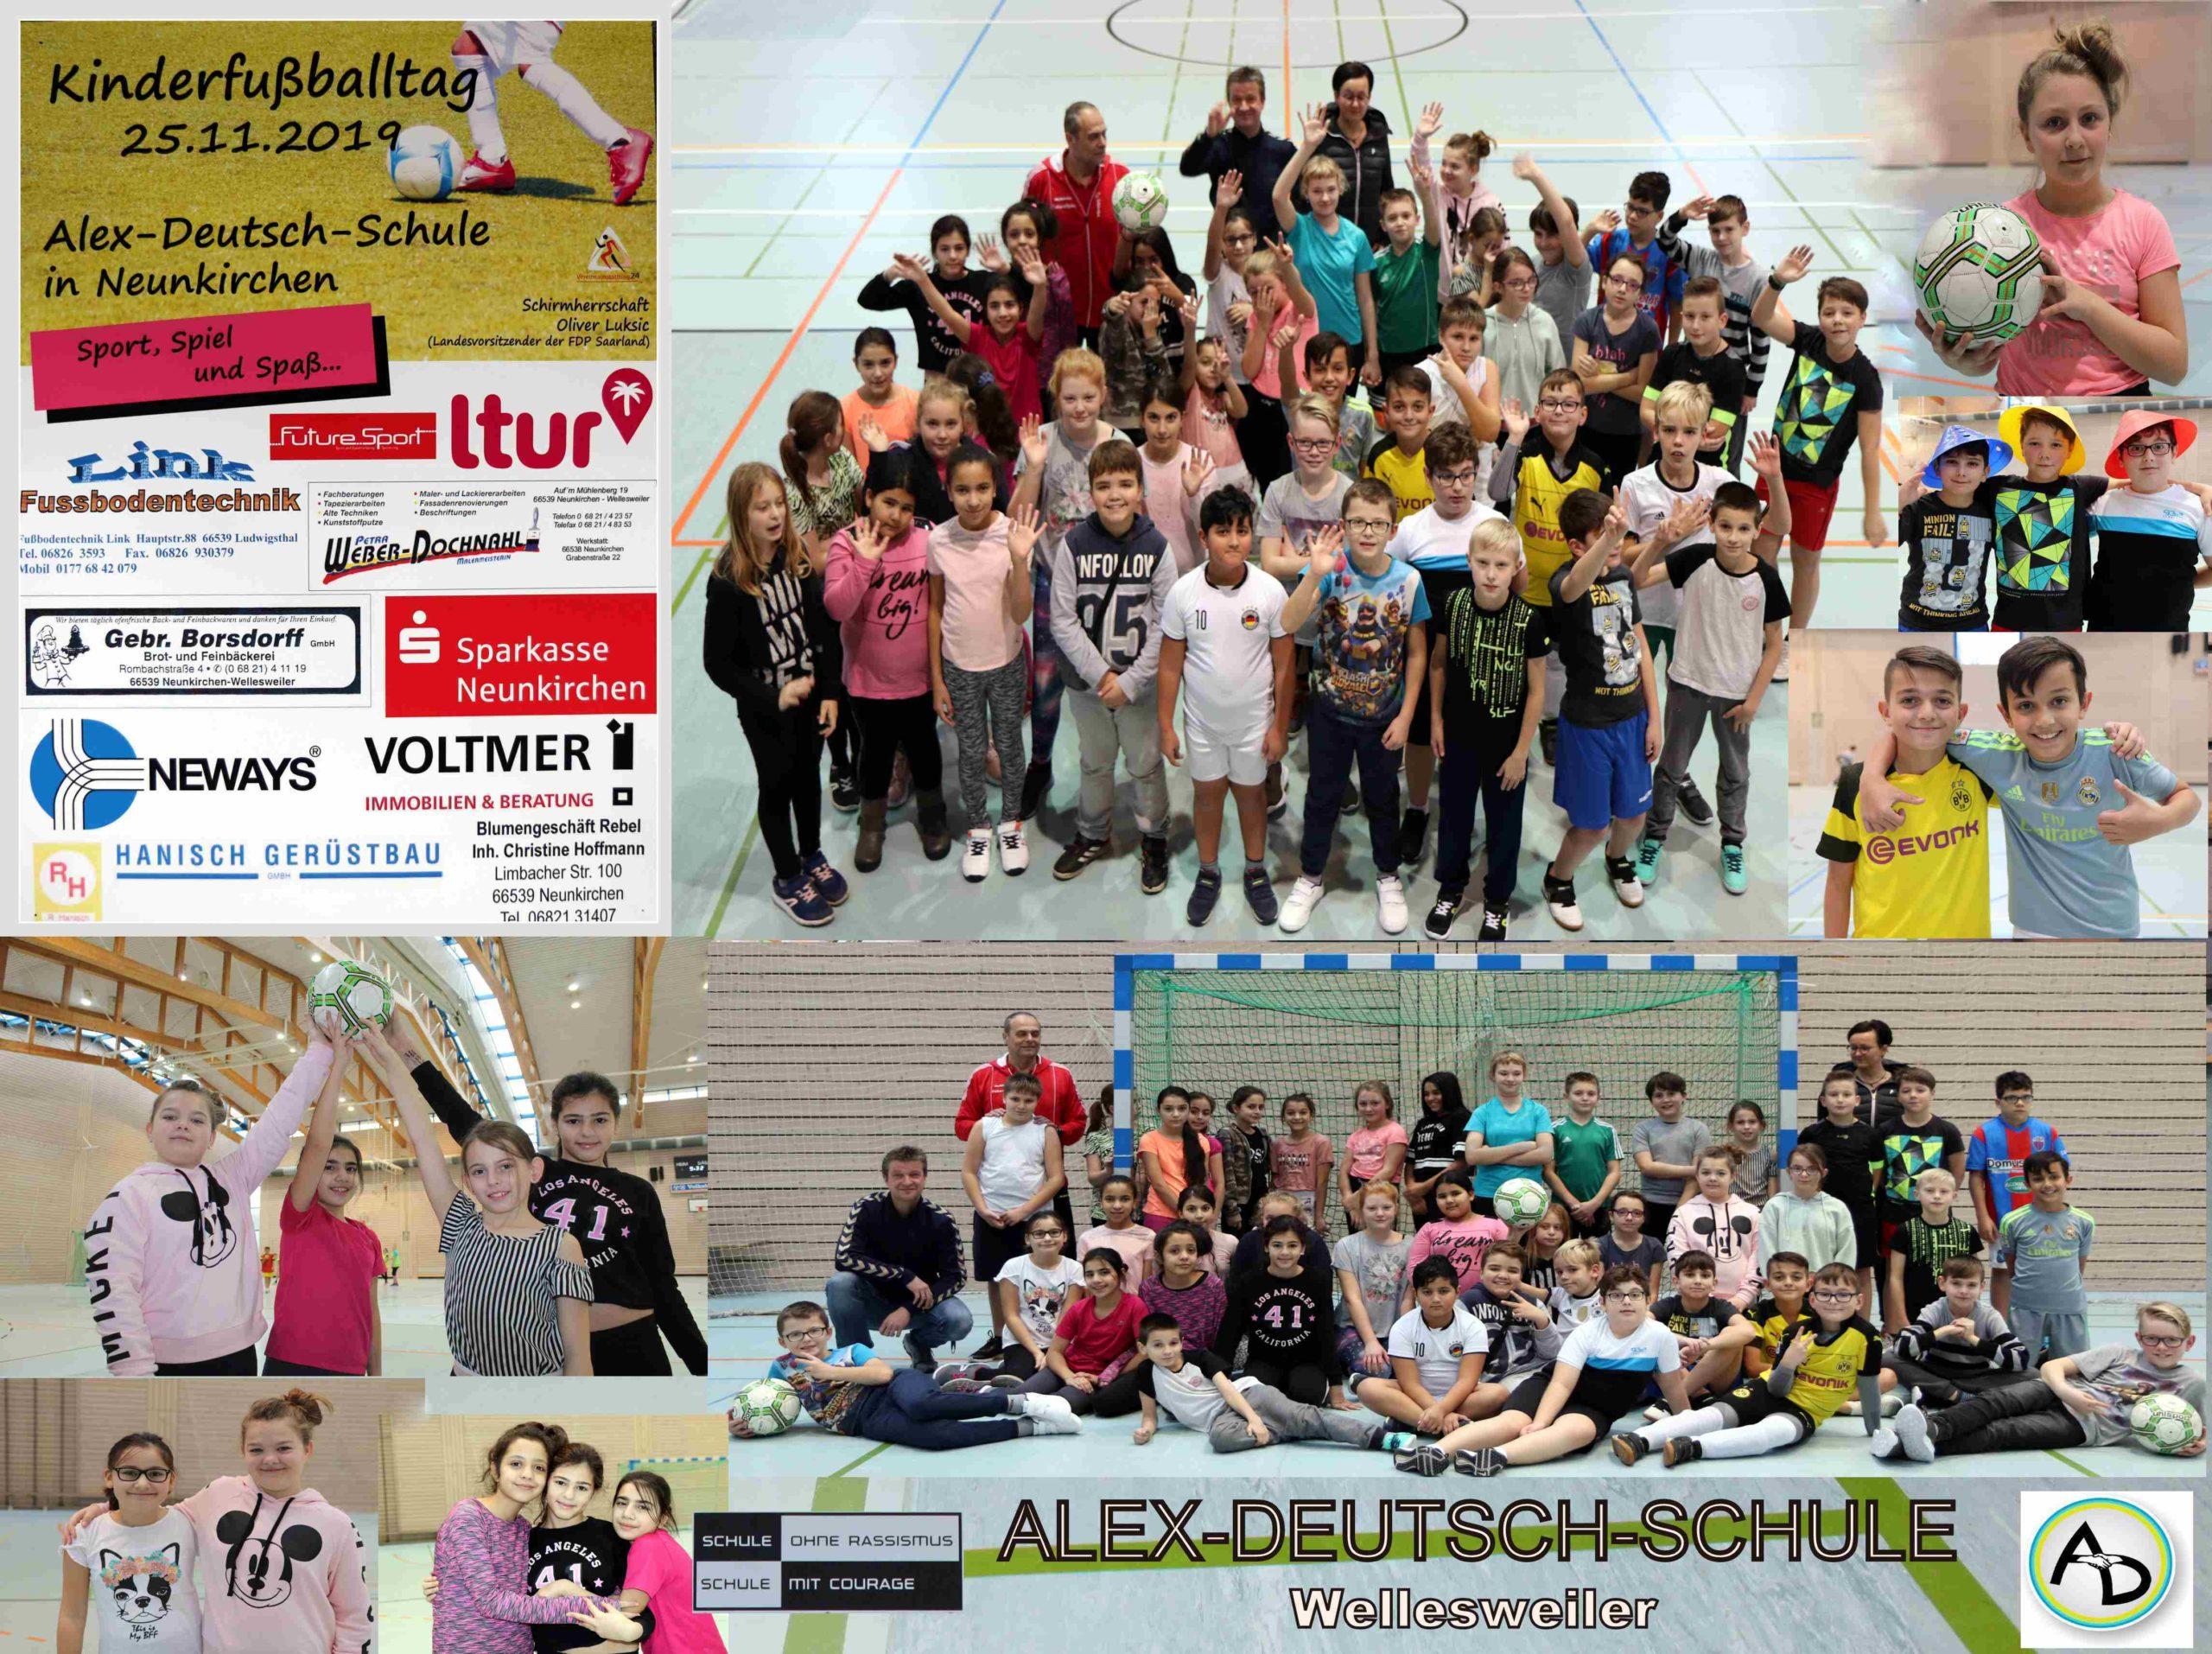 Vormittags regierte das runde Leder – 8. Kinder-Fußballtag an der Alex-Deutsch-Schule